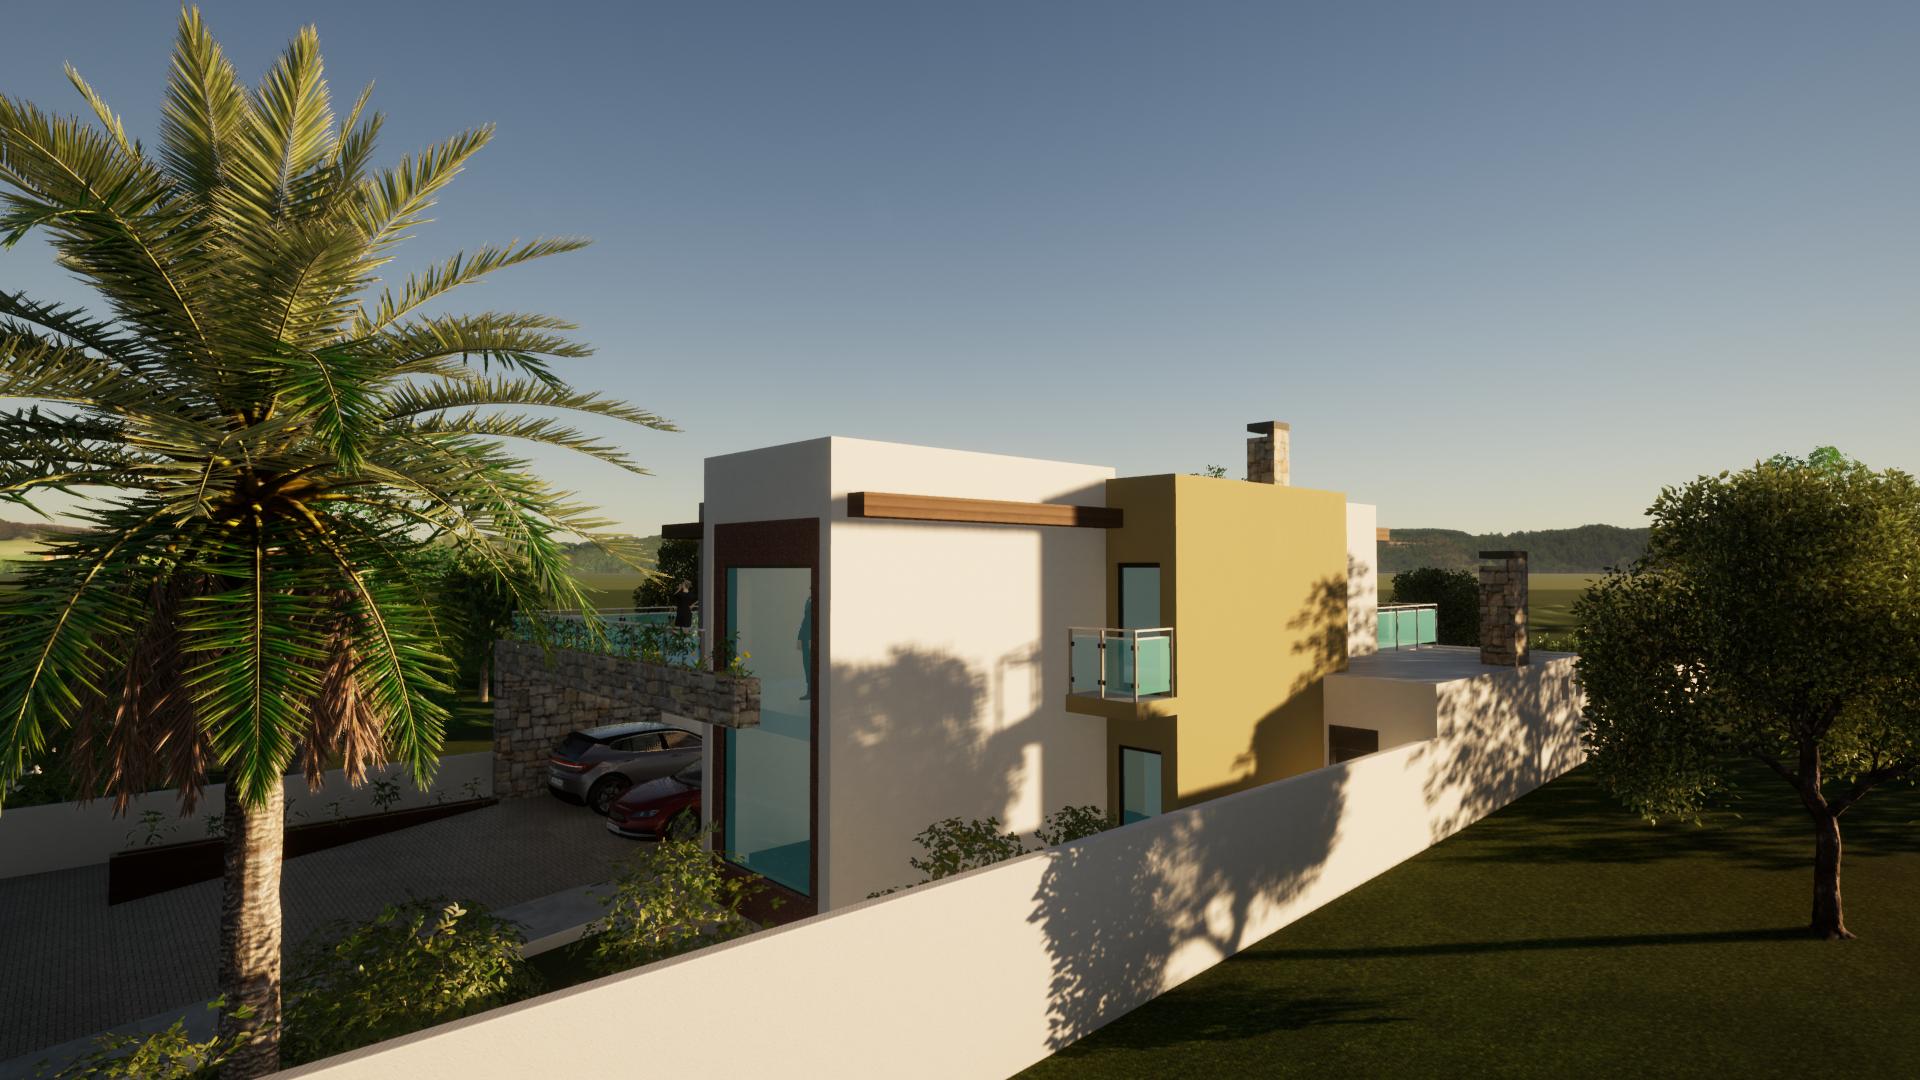 Projeto_Casas_do_Ribeiro_GrupoPsantos (1)